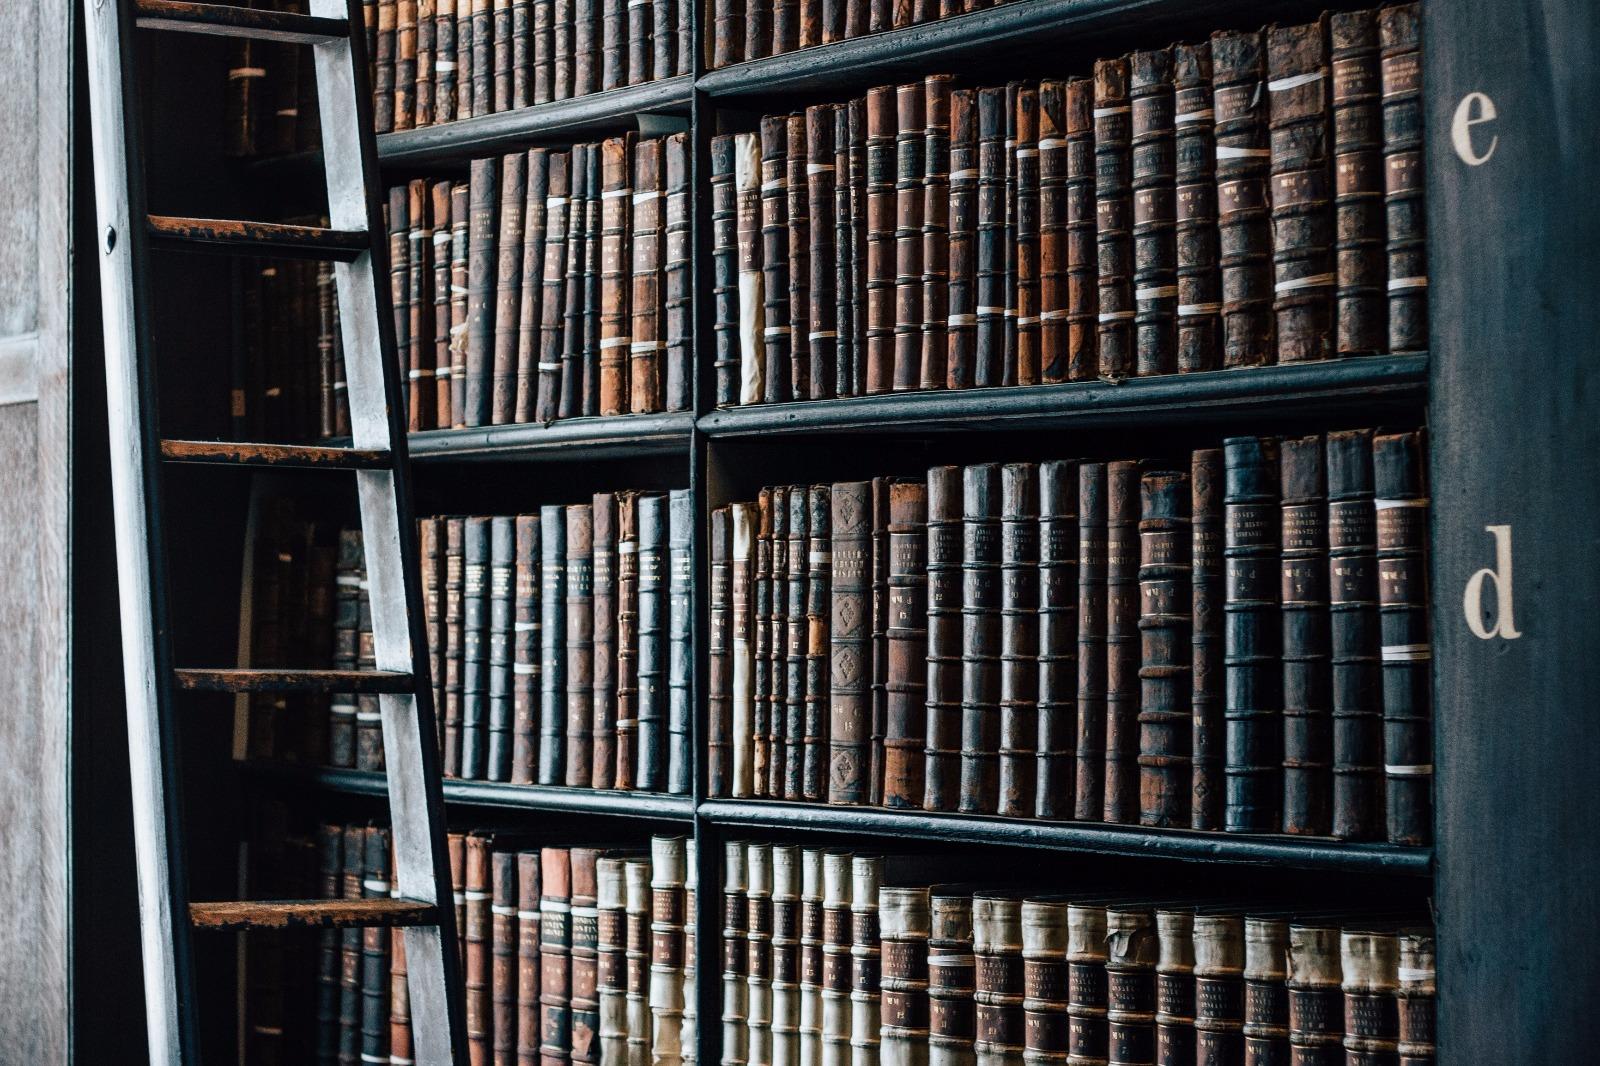 La Lombardia si impegna a sostenere i sistemi bibliotecari delle province.